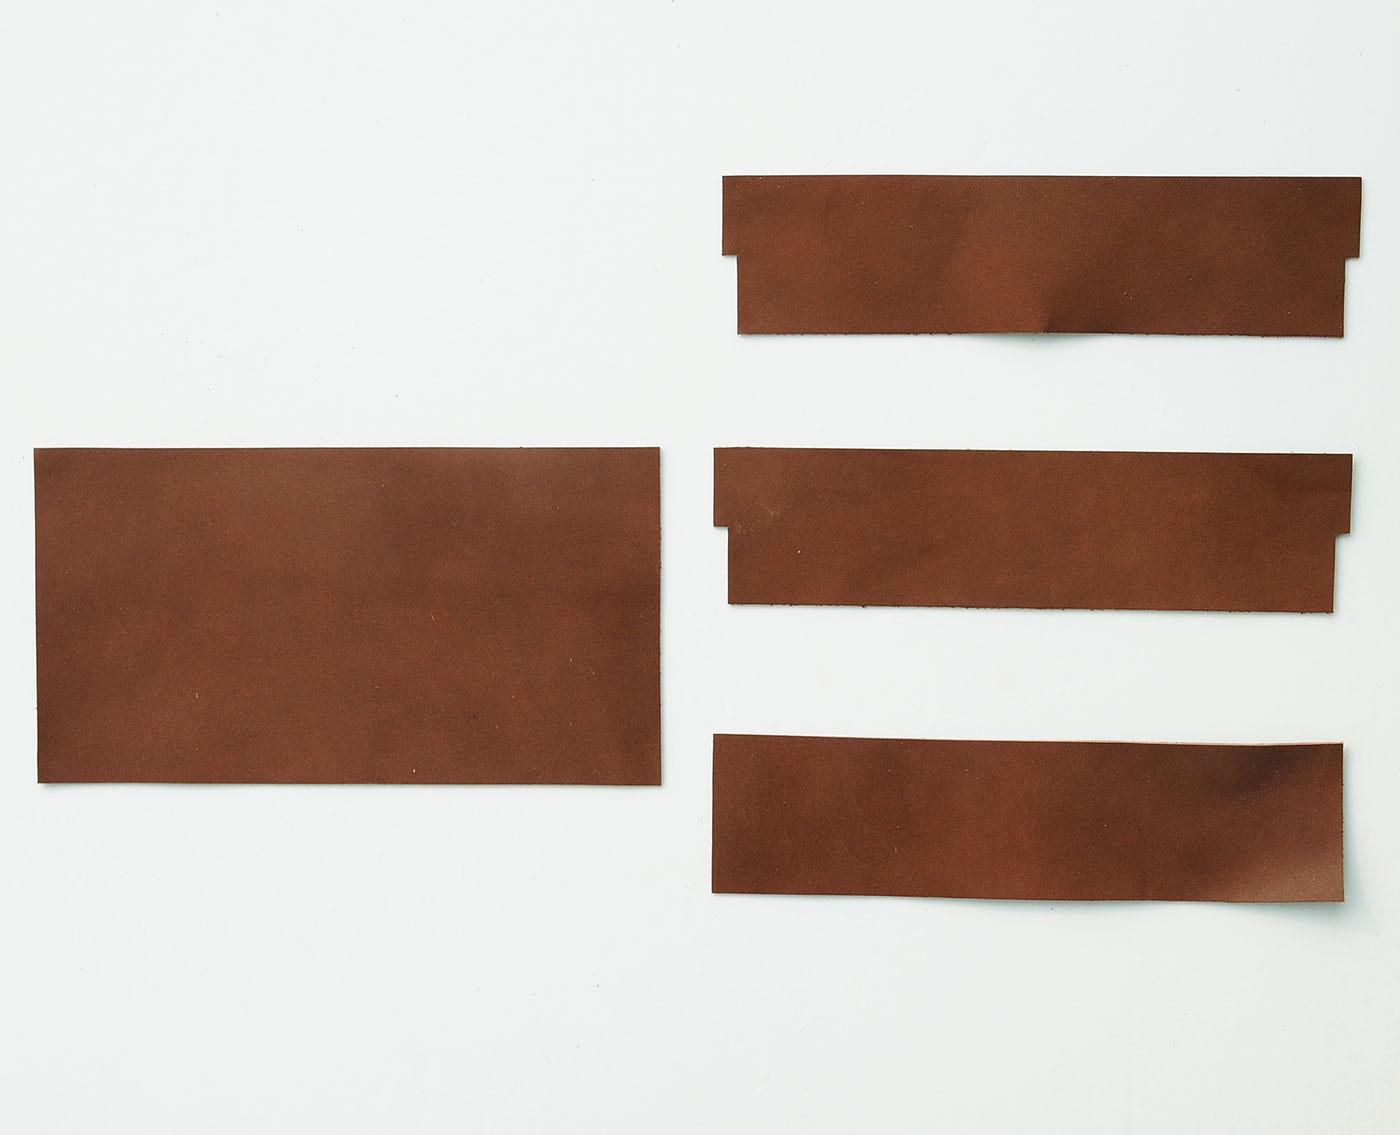 フェリシモ ウォレットショルダー作りレッスン 追加購入用 カードポケット革パーツ セット